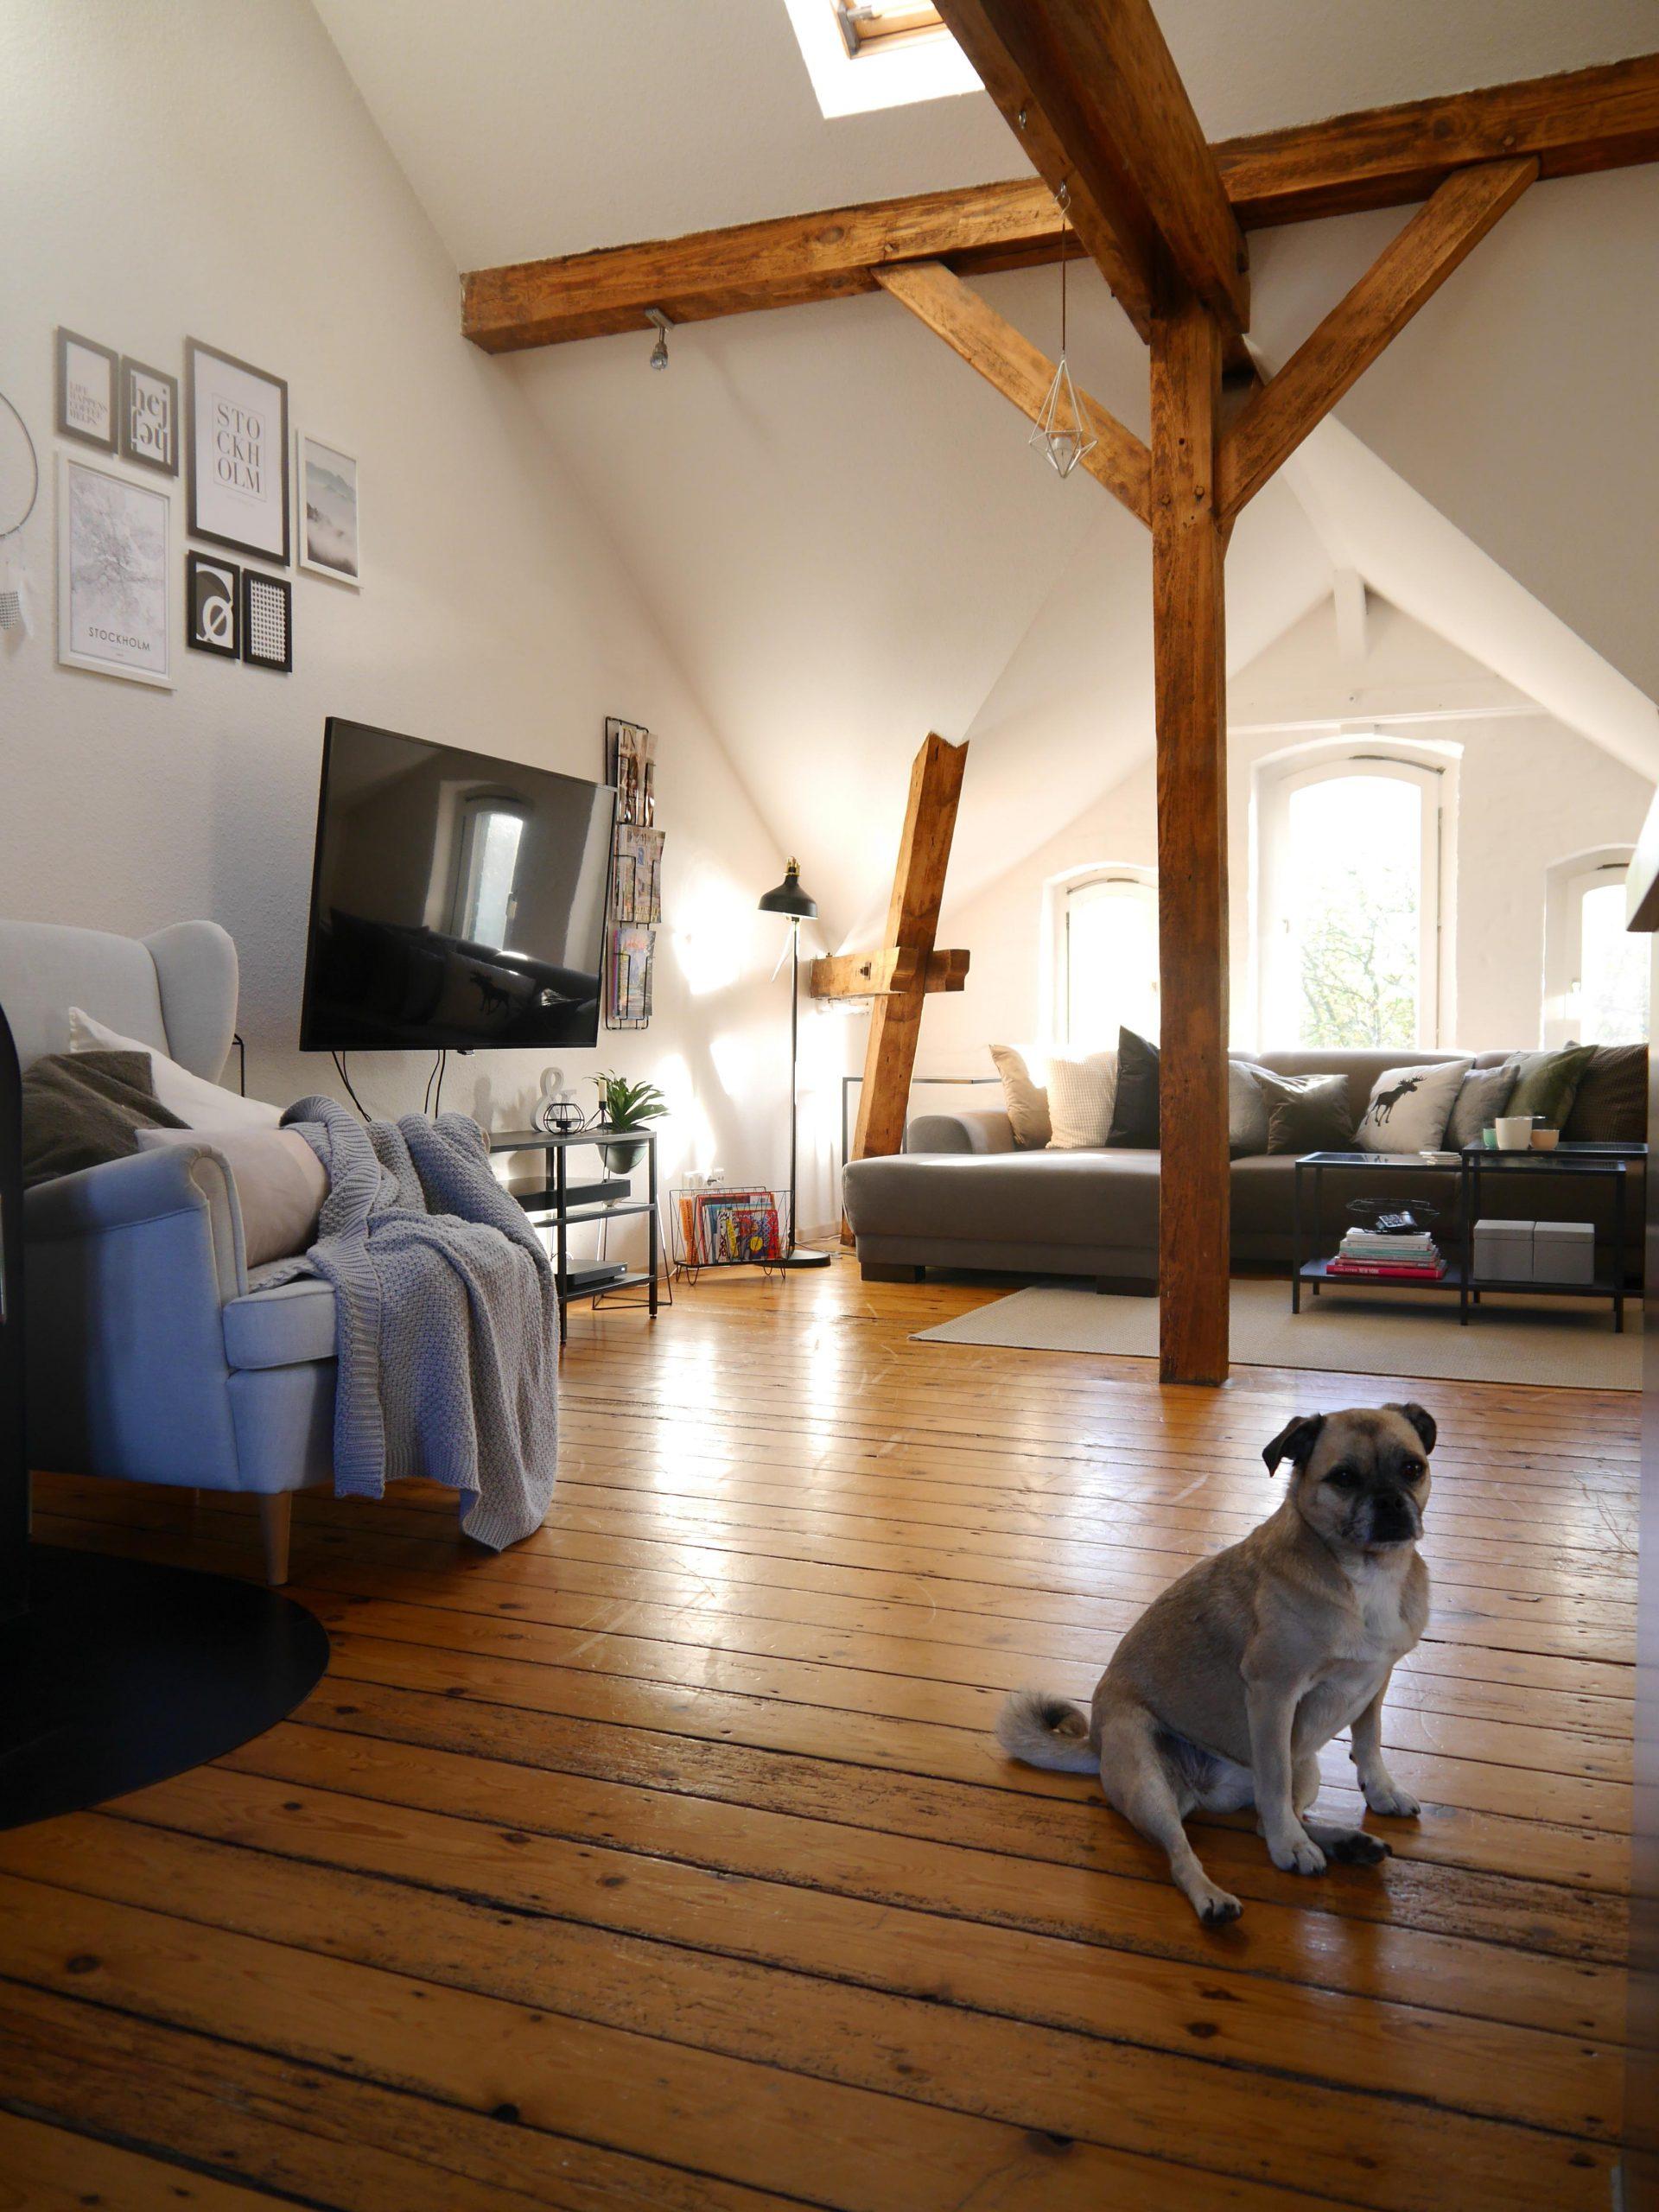 Full Size of Moderne Wohnzimmer Decken Wohnzimmer Decken Aus Rigips Wohnzimmer Decken Beispiel Wohnzimmer Decken Paneele Wohnzimmer Wohnzimmer Decken